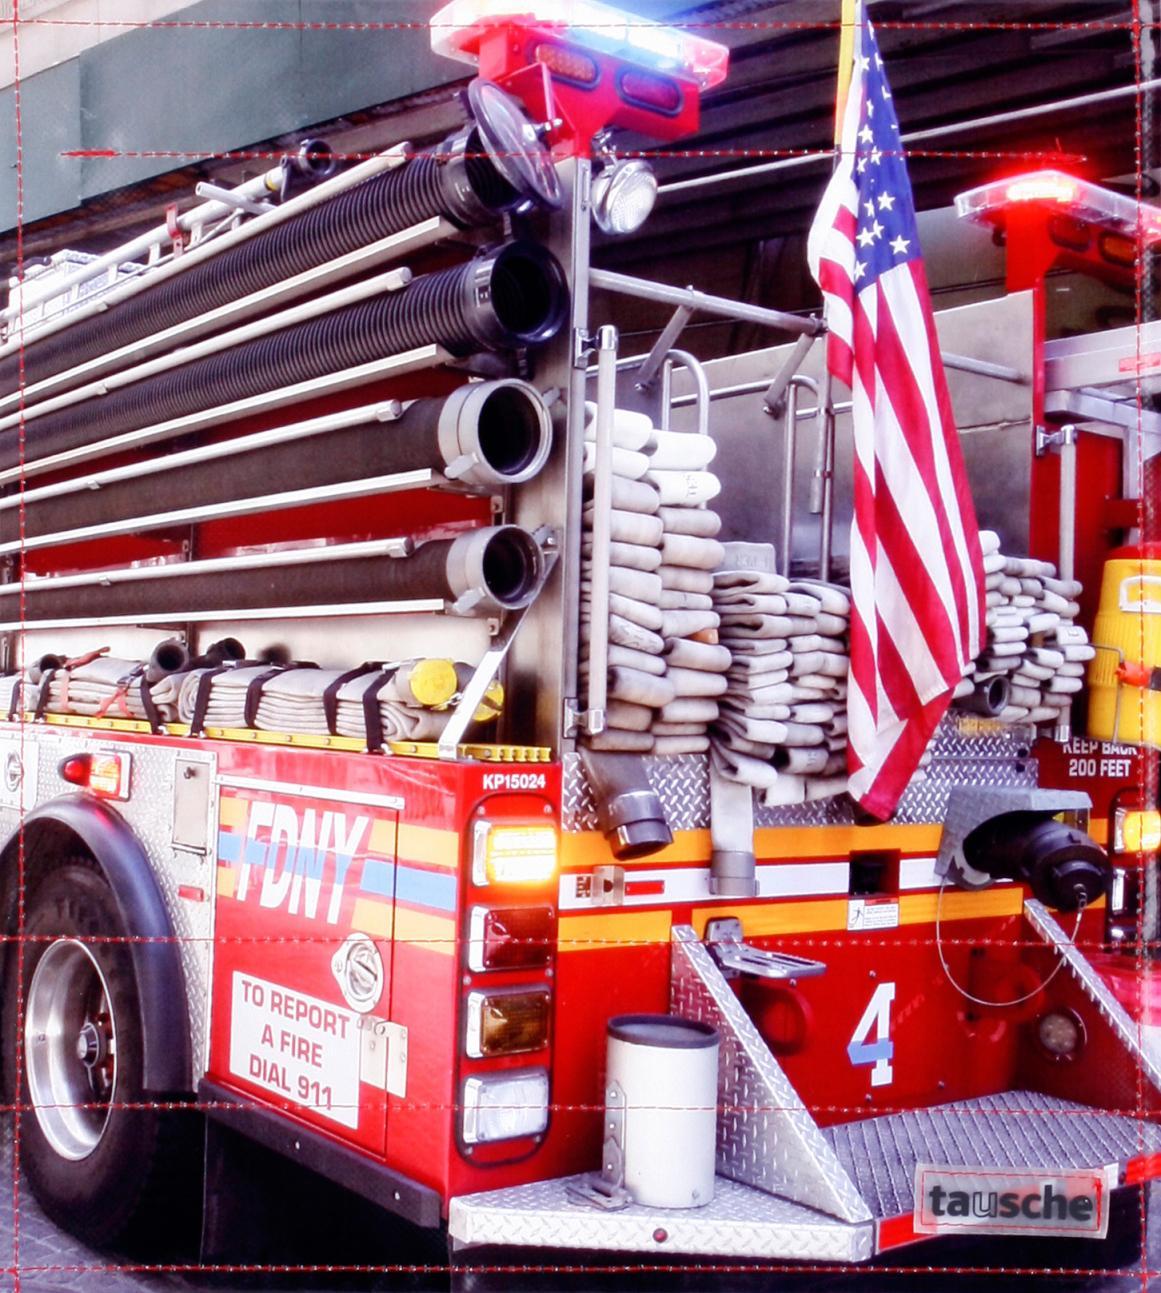 Feuerwehr (mittel)